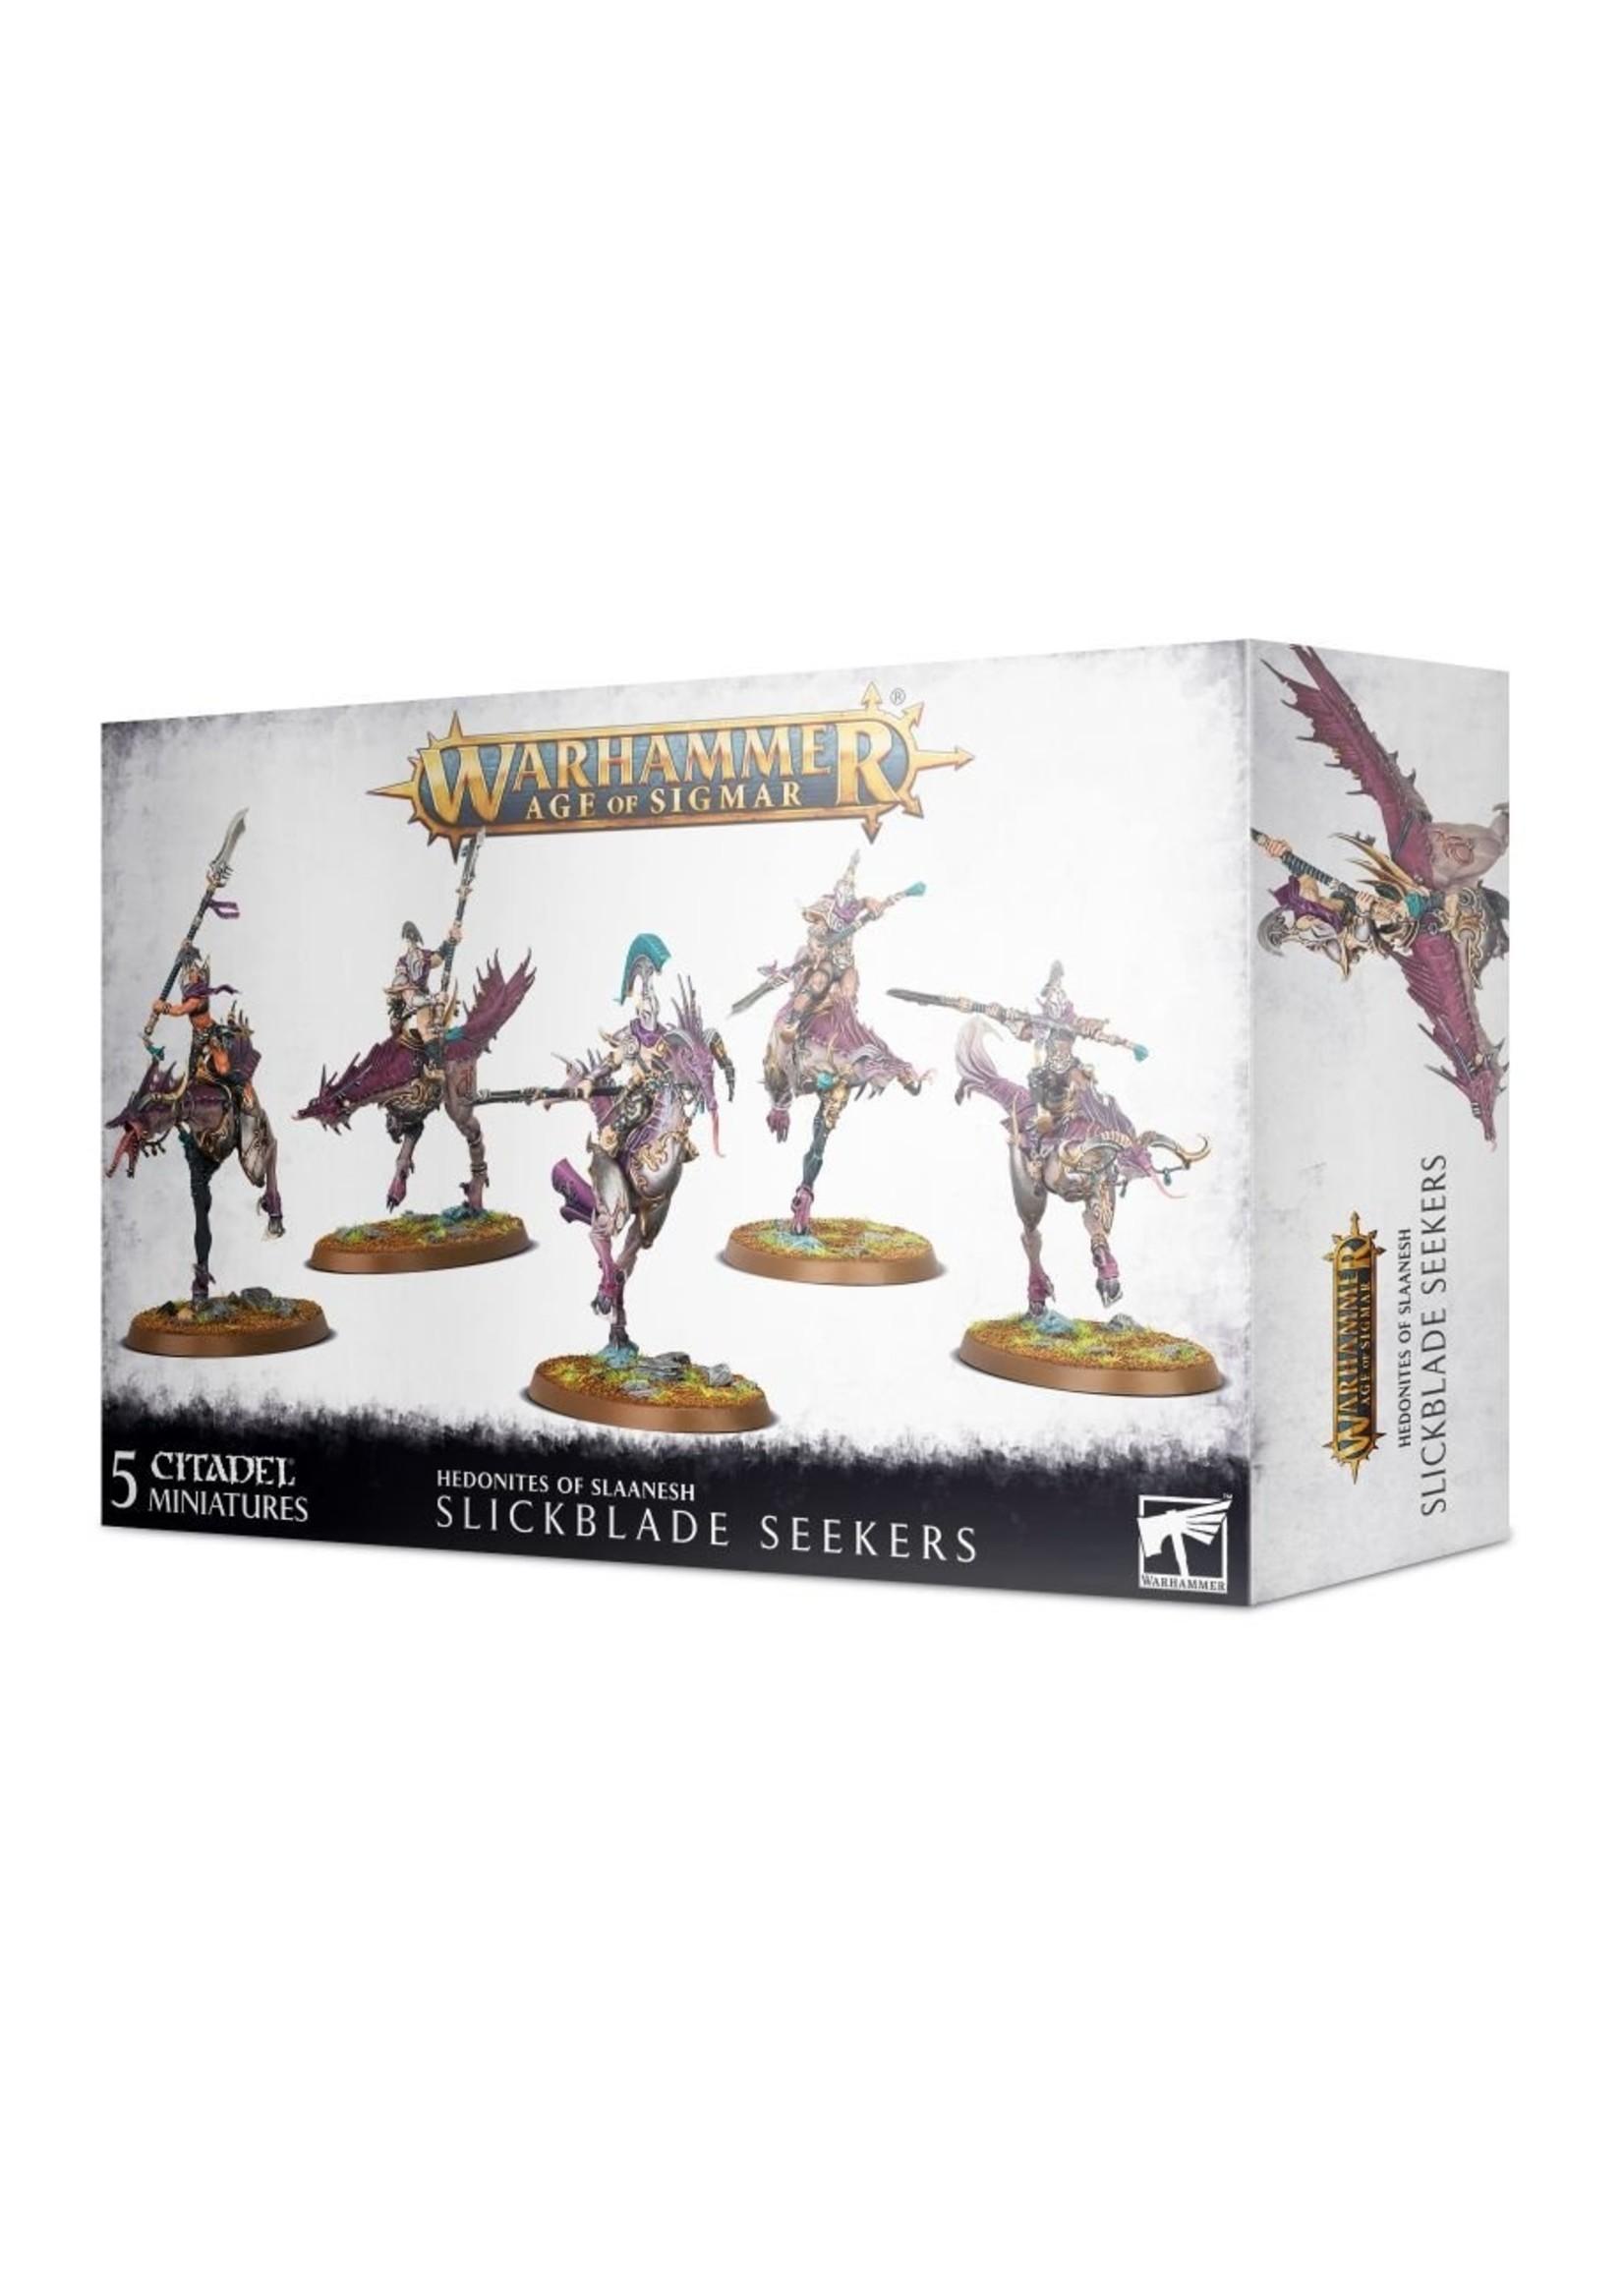 Warhammer Age of Sigmar: Hedonites - Slickblade Seekers